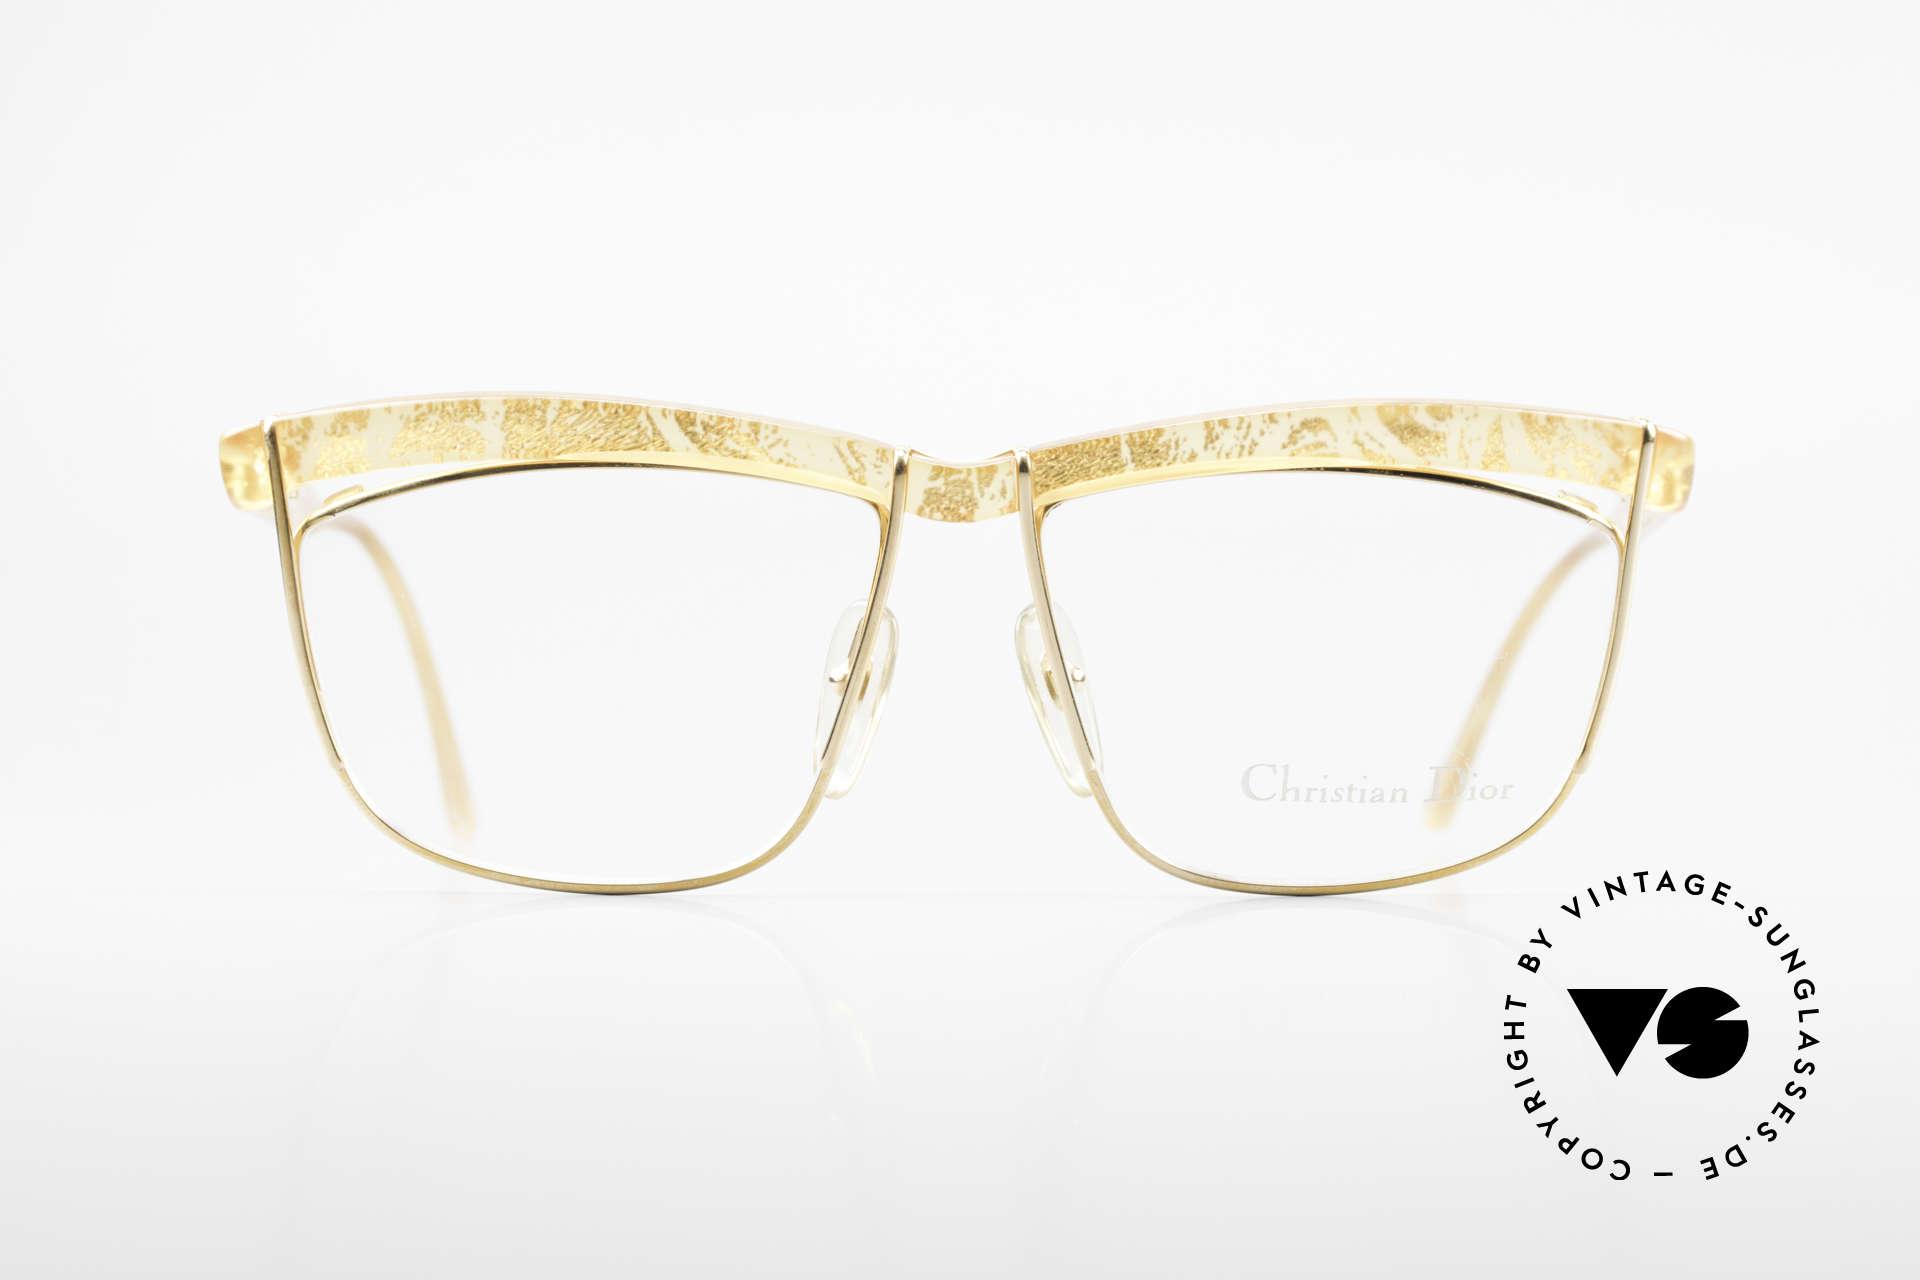 Christian Dior 2552 90er Vintage Brille Damen, ein wahres Prunkstück in puncto Brillendesign, Passend für Damen